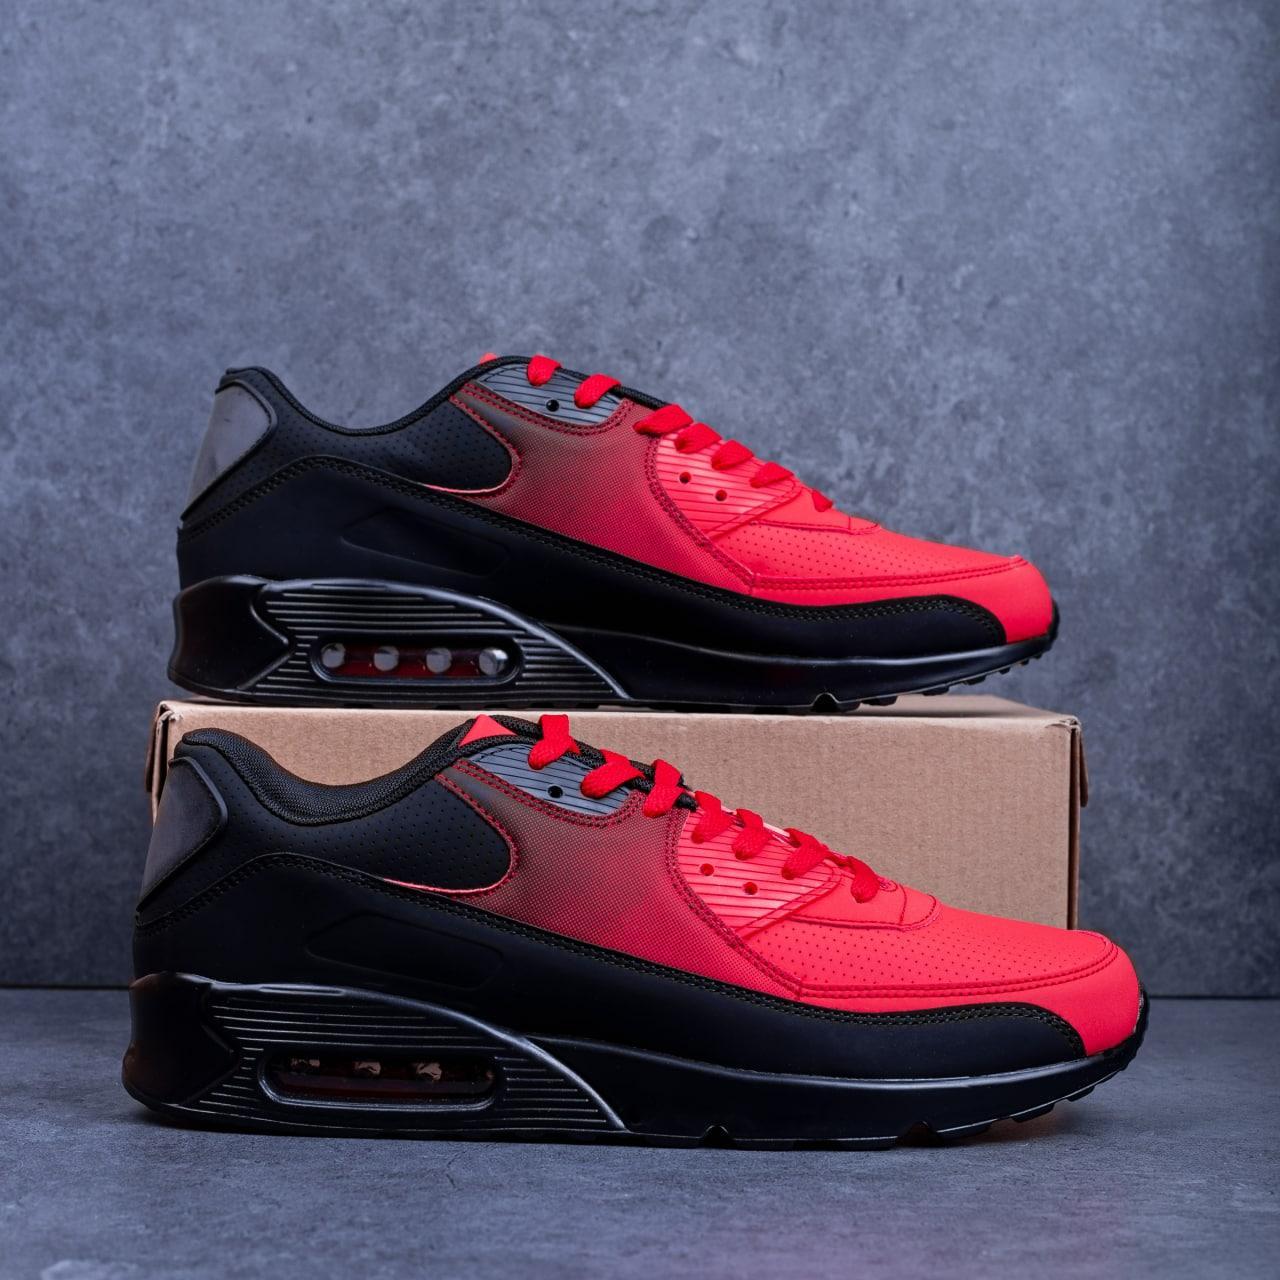 Кроссовки Ривал 90 Чорно Червоні ( чорна підошва)